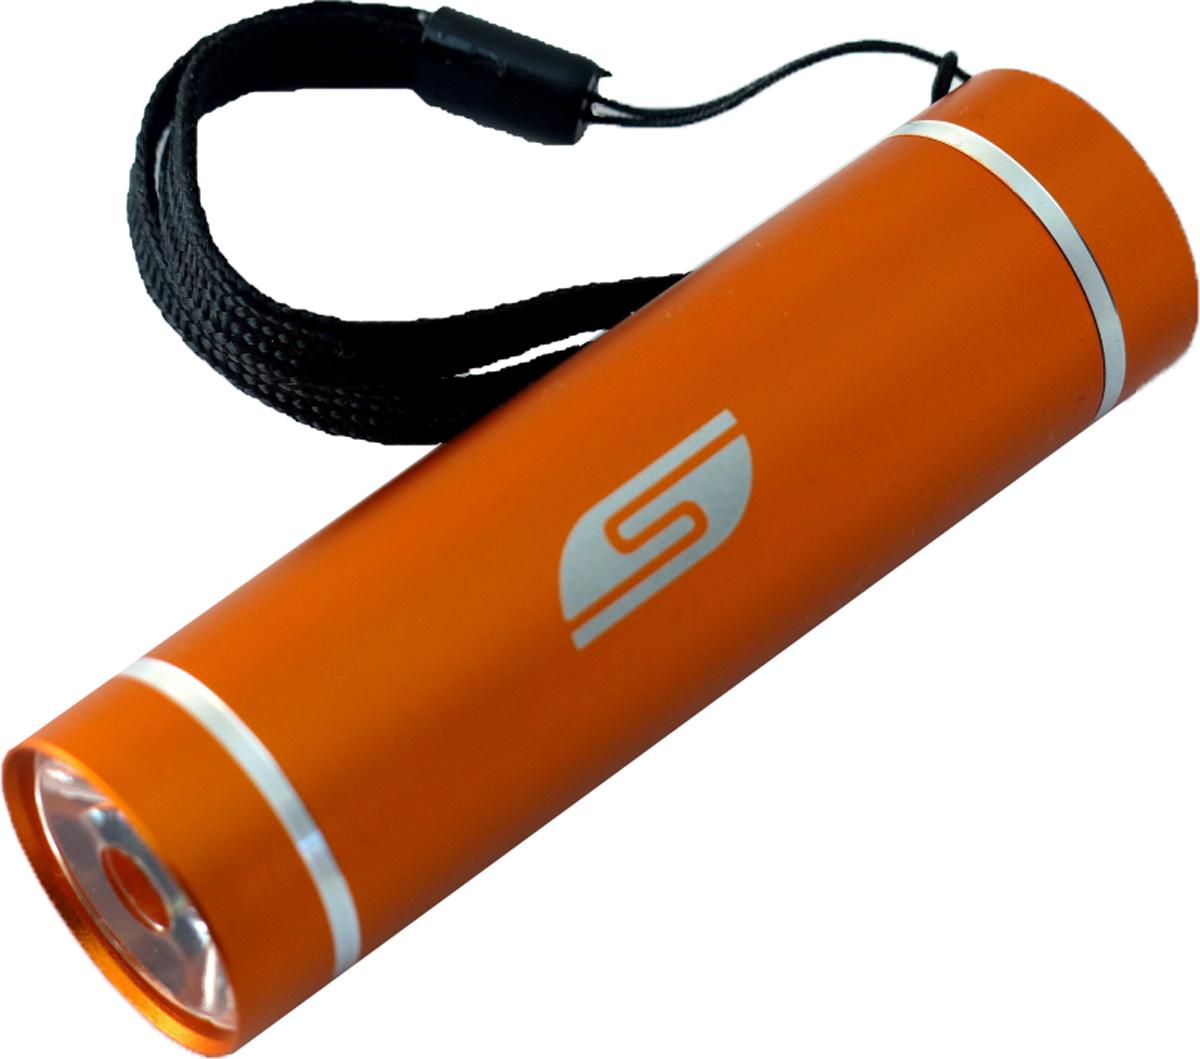 Фонарь ручной SOLARIS T-53108orangeКарманный фонарь, подходит для ежедневного ношения. Фонарь выполнен из качественного алюминия с защитным анодированием корпуса. Влагозащищённый — стандарт IPX6. Фонарь снабжен современным светодиодом мощностью 1 Ватт. Мощность светового потока 60 люмен, дальность эффективного излучения света 100 метров. Размеры/вес фонаря: 90мм *26мм; 40грамм (без батарей). Благодаря длине всего 9 сантиметров и малому весу фонарь идеально подходит для ежедневного ношения в качестве карманного. Кнопка включения в хвостовой части фонаря утоплена в корпус, что исключает случайное нажатие в кармане. Коллиматорная линза направленного действия и светодиод мощностью 1 Ватт обеспечивают фонарю очень приличную дальность освещения 100 метров. Фонарь может применяться в качестве запасного туристического фонаря и источника света для бытовых нужд. Особенности конструкции и эксплуатации фонаря SOLARIS T-5: - Один режим работы фонаря. - Кнопка включения расположена в хвостовой части фонаря. - Фонарь...